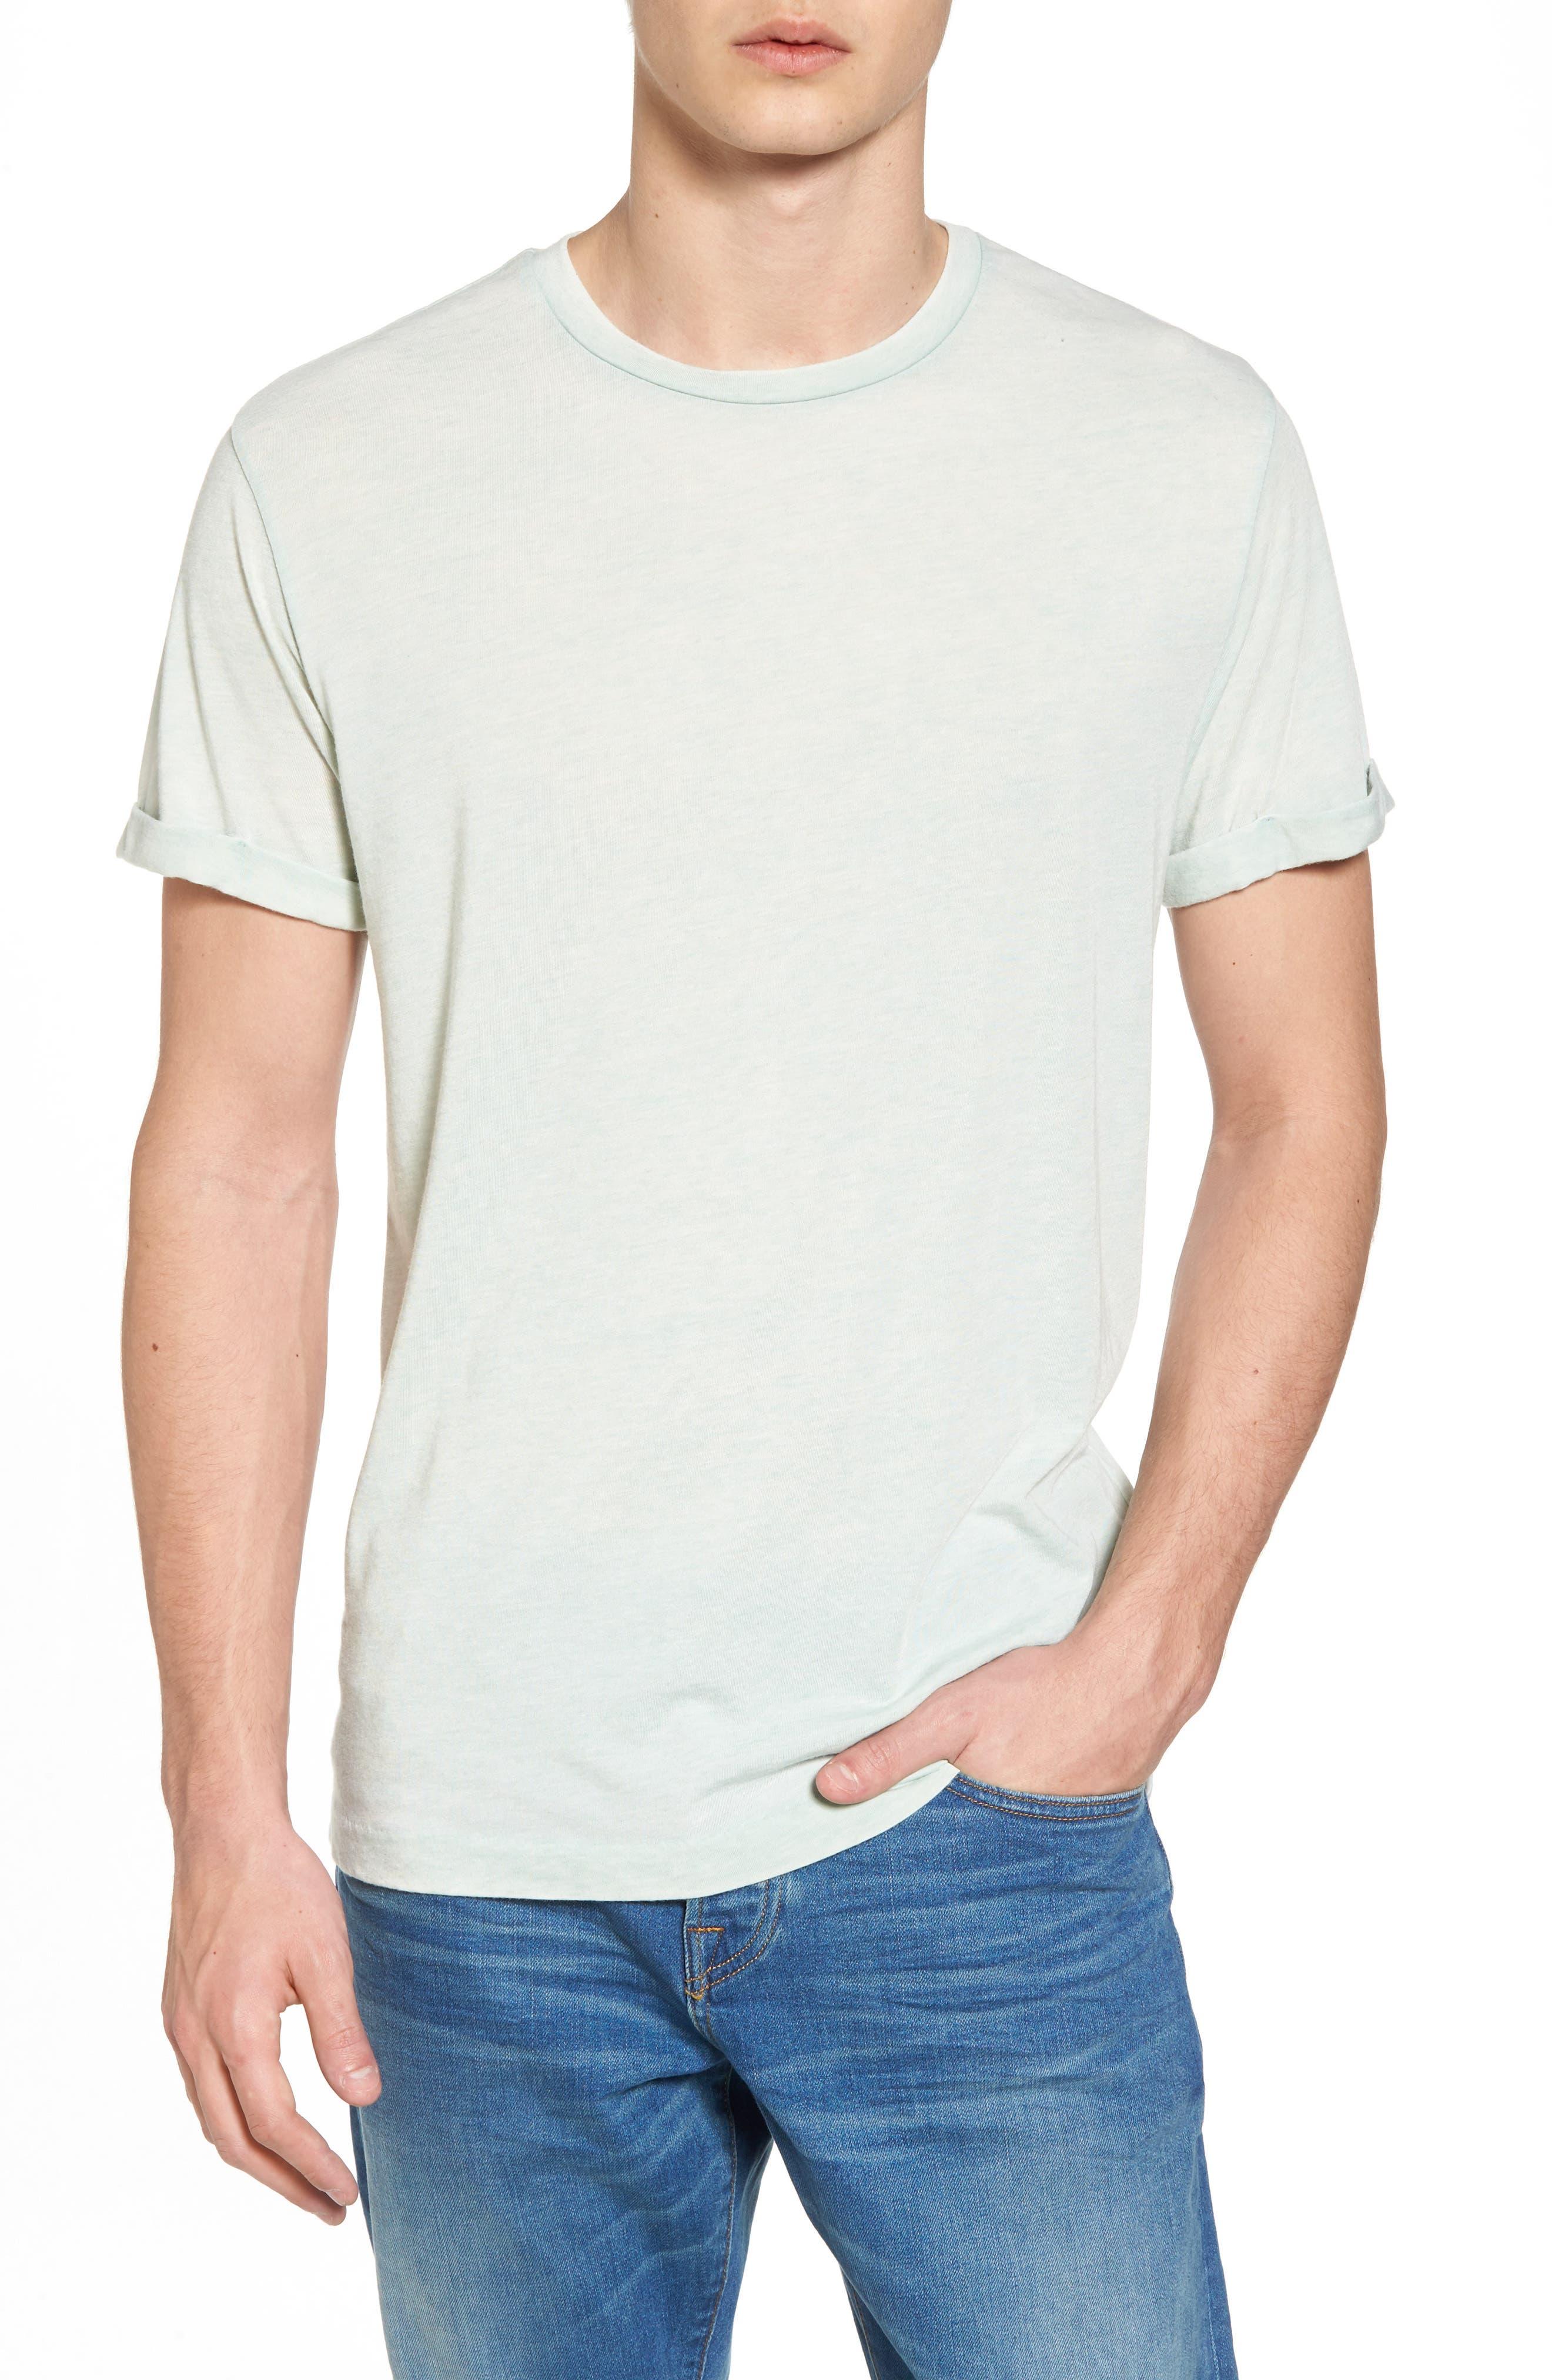 Ausbrenner T-Shirt,                         Main,                         color, Seafoam Green Melange